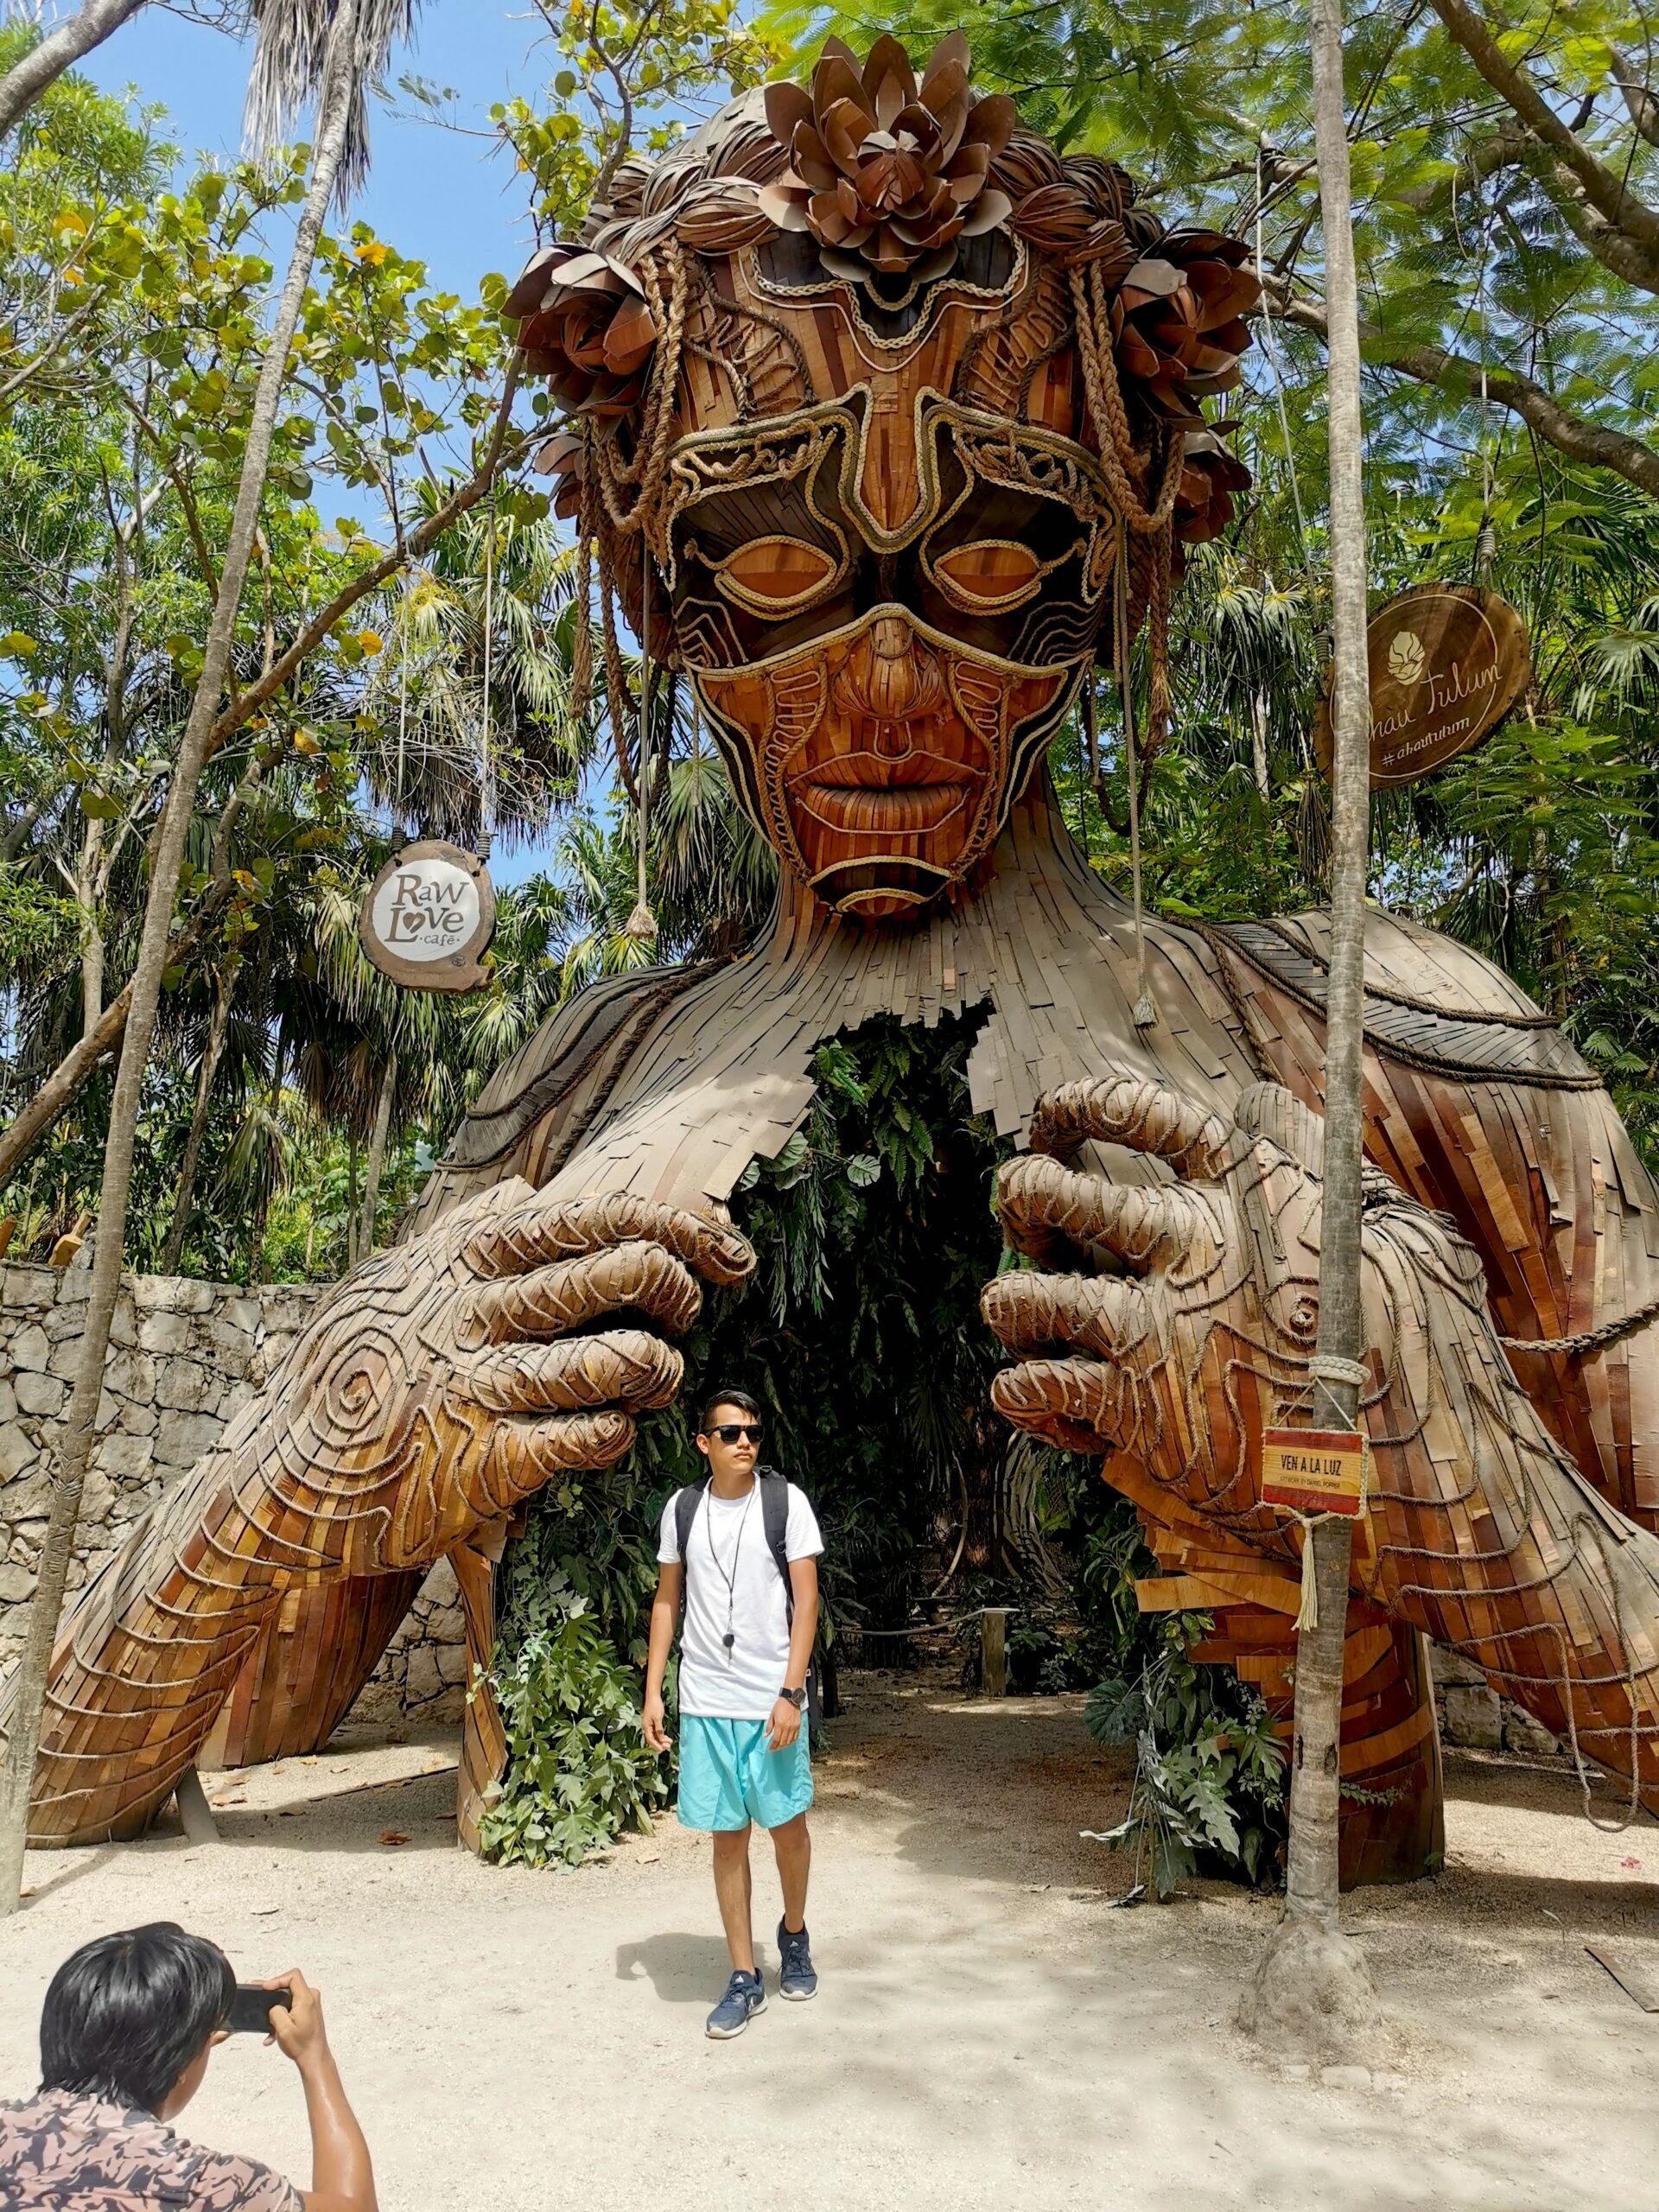 rzeźba do zdjęć w Meksyku atrakcja